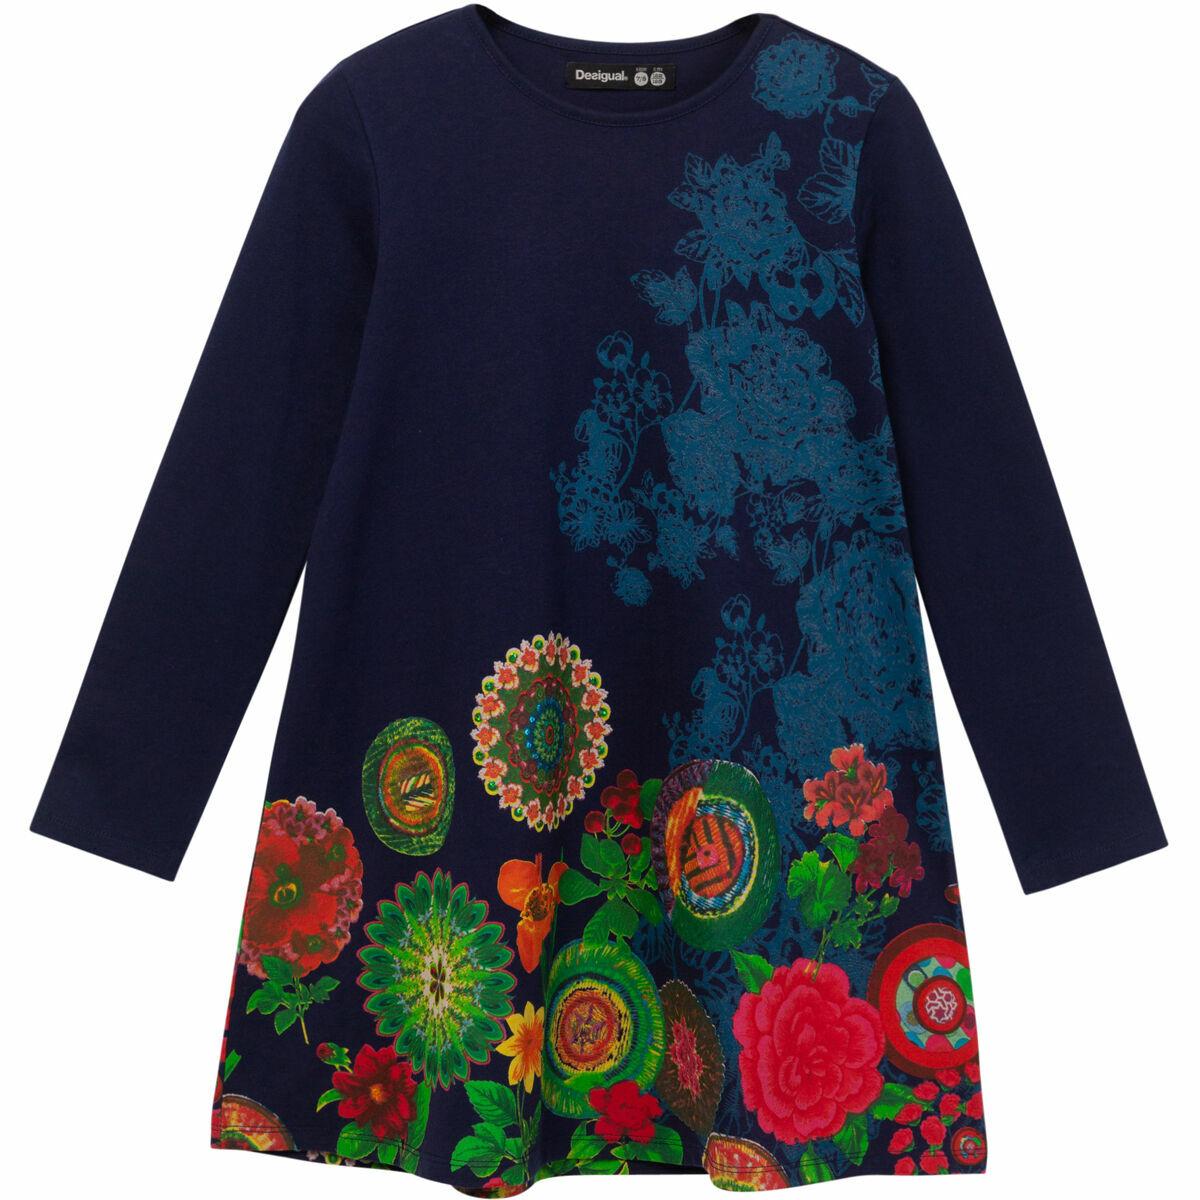 Bild 1 von Desigual Kleid, floral, Mustermix, für Mädchen